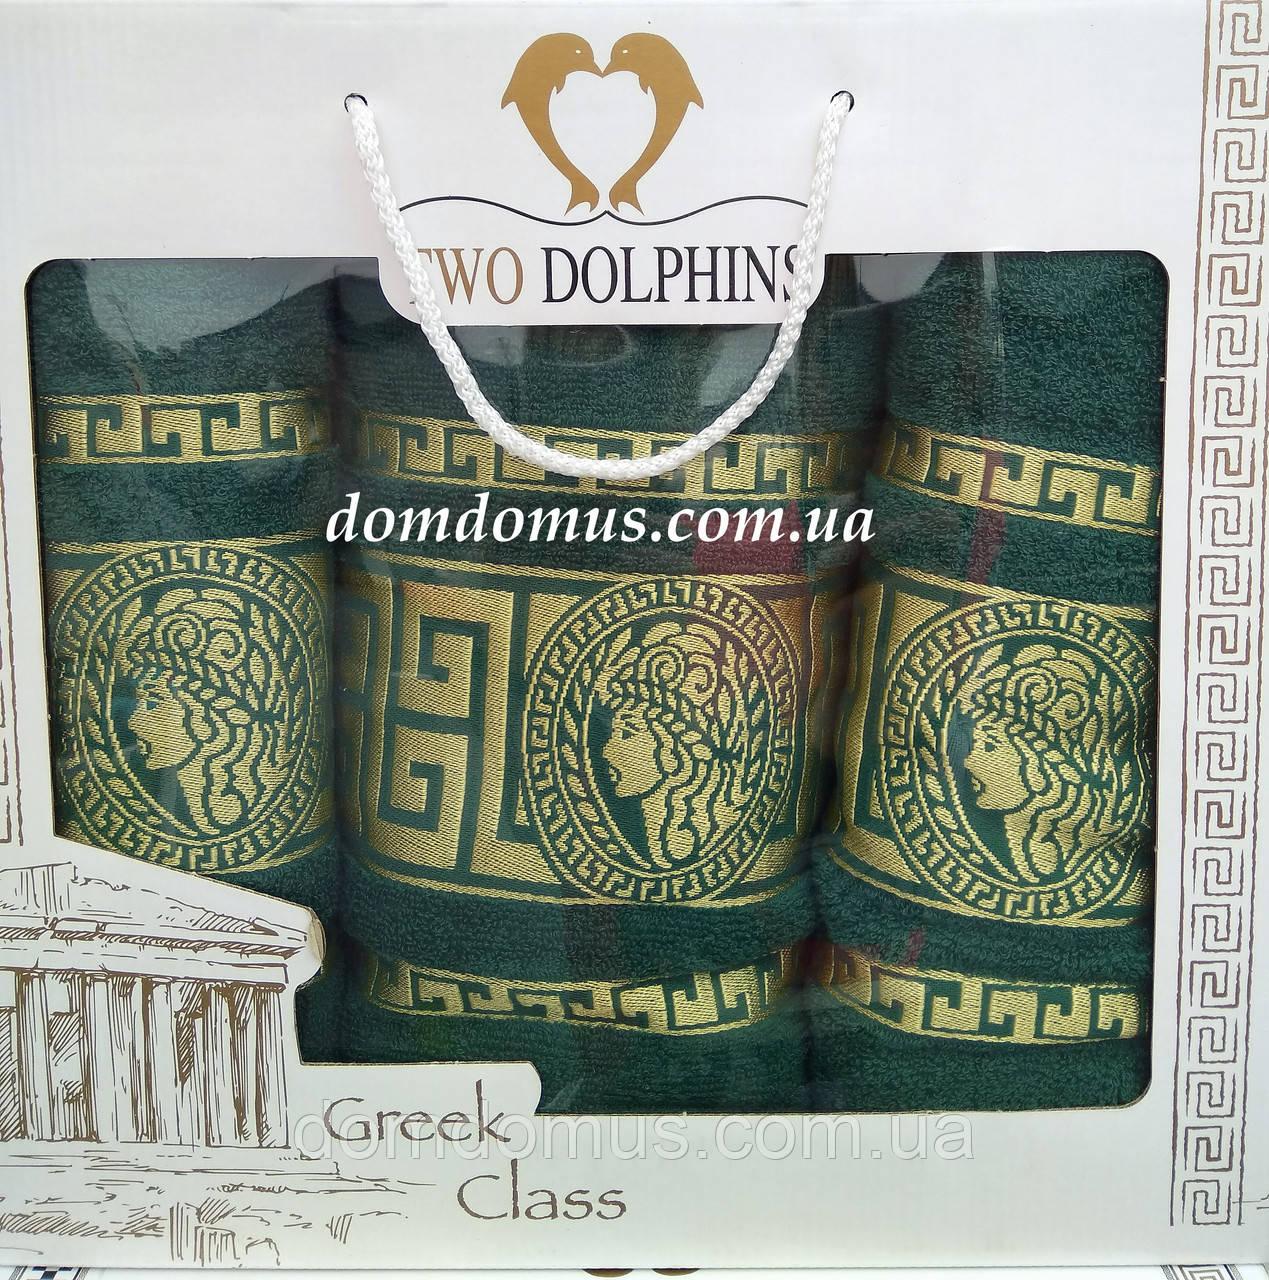 """Подарочный набор полотенец """"Greek"""" (банное+лицевое) TWO DOLPHINS 1630"""